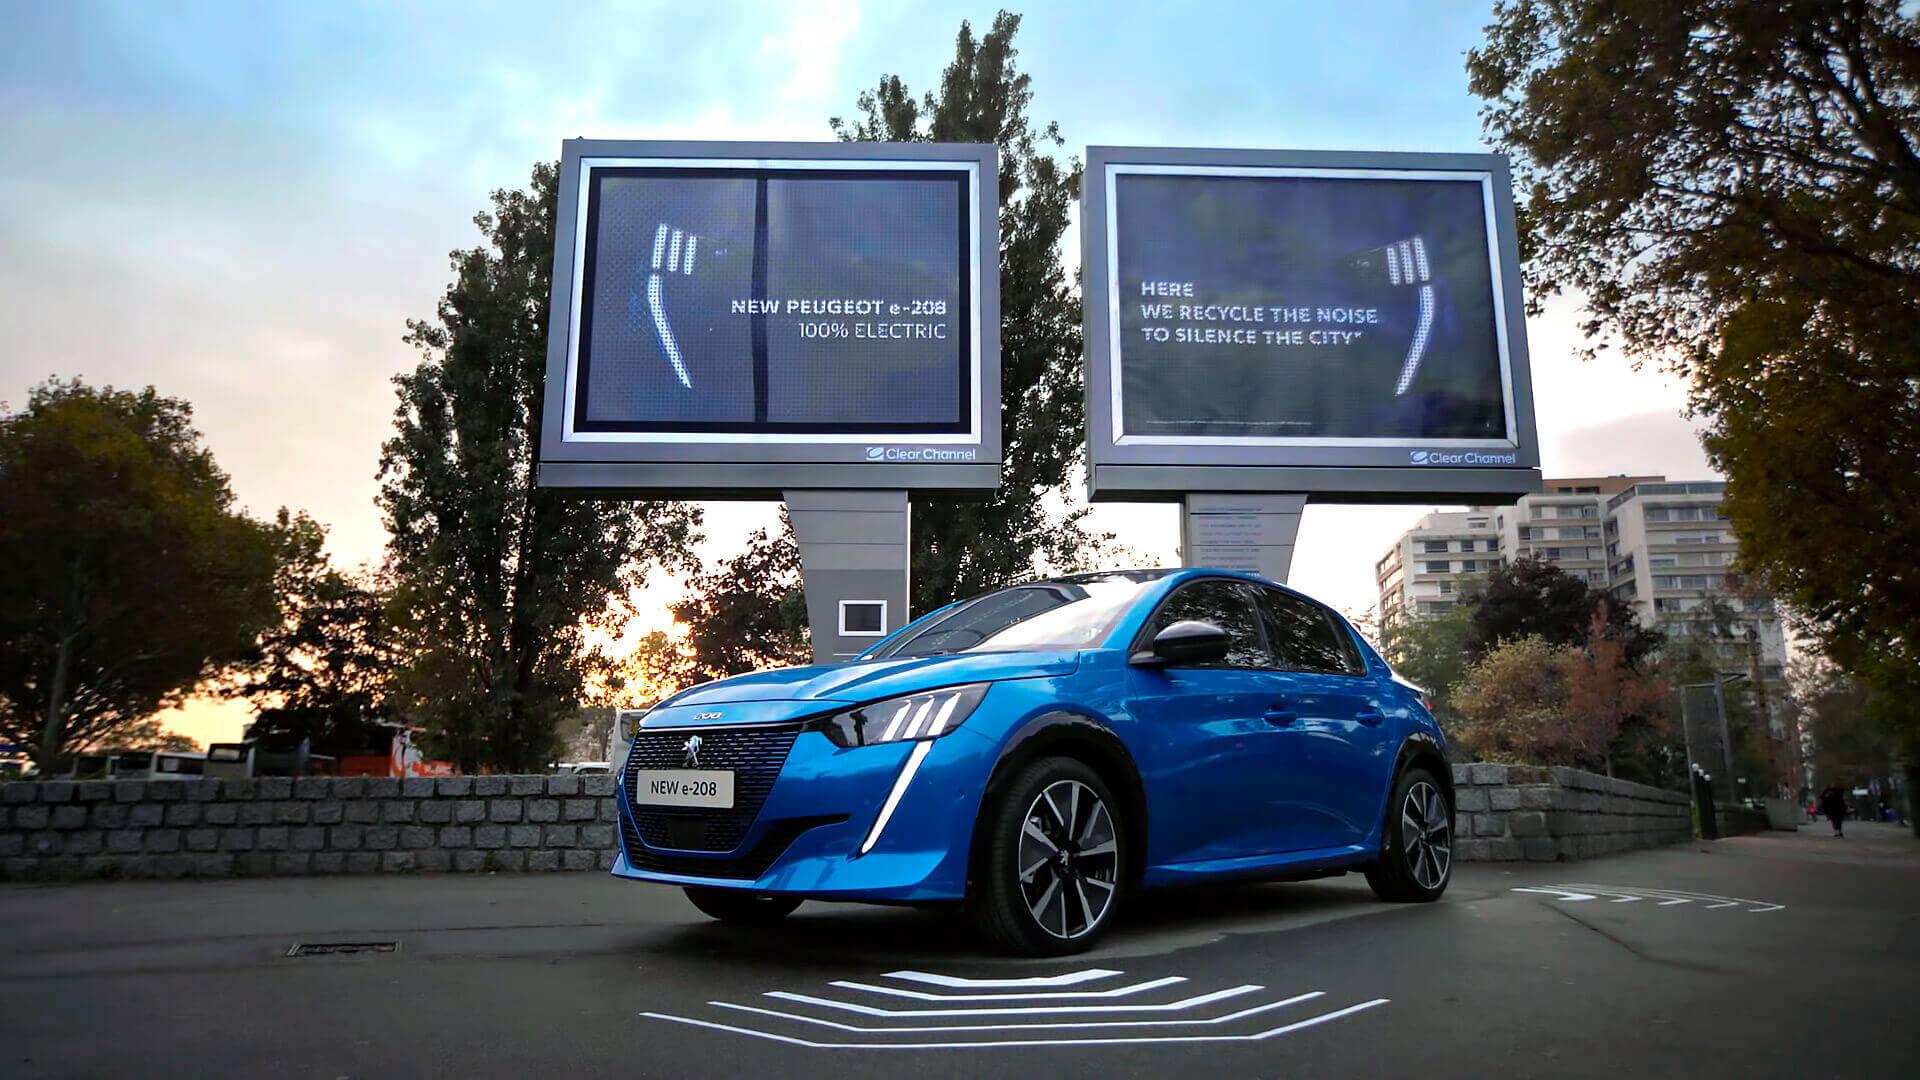 Уникальный билборд-зарядка рекламирует электромобиль Peugeot e-208